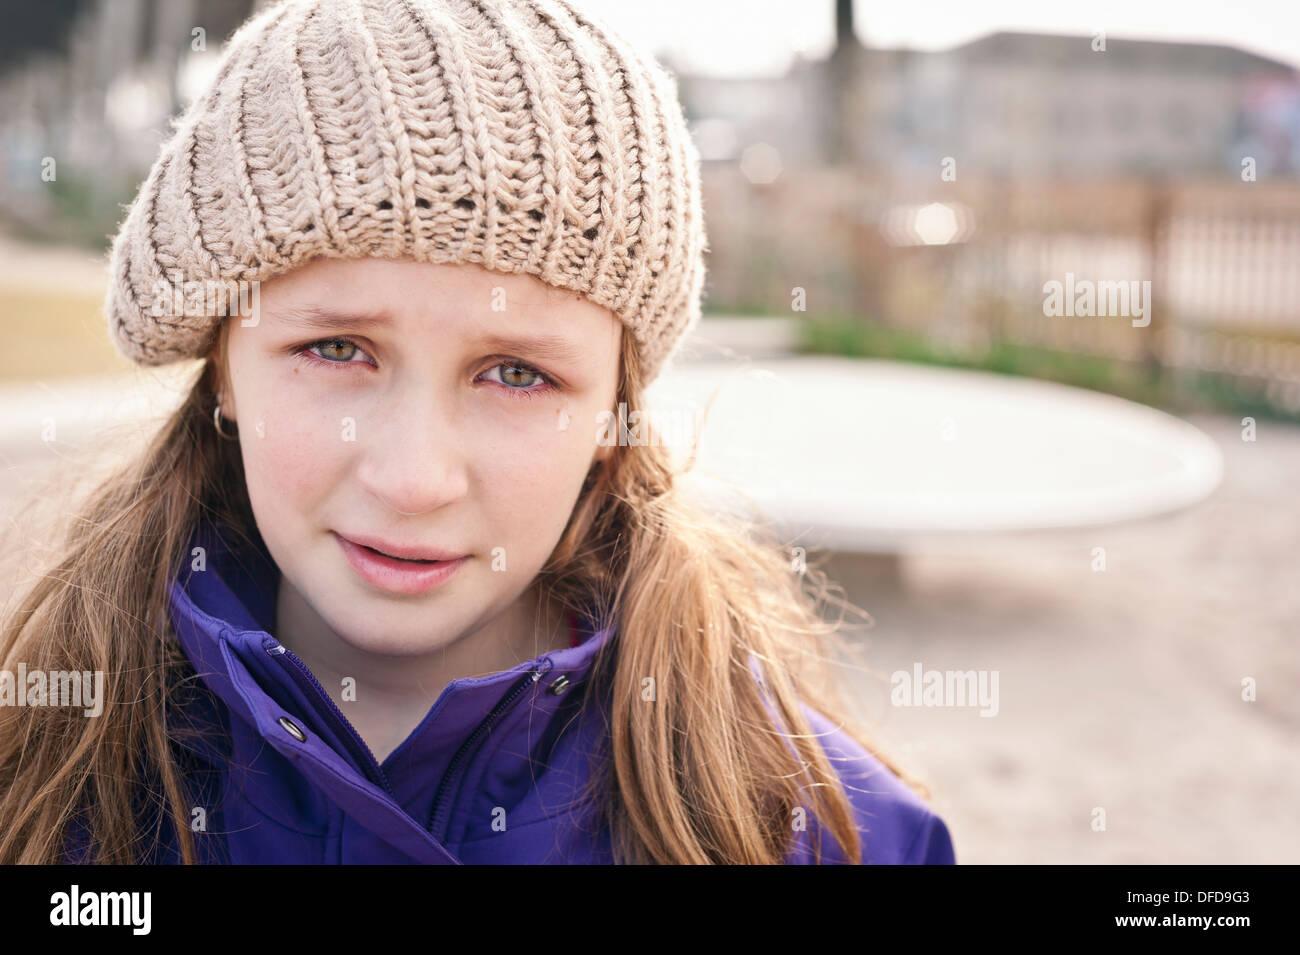 sad girl with tears - Stock Image